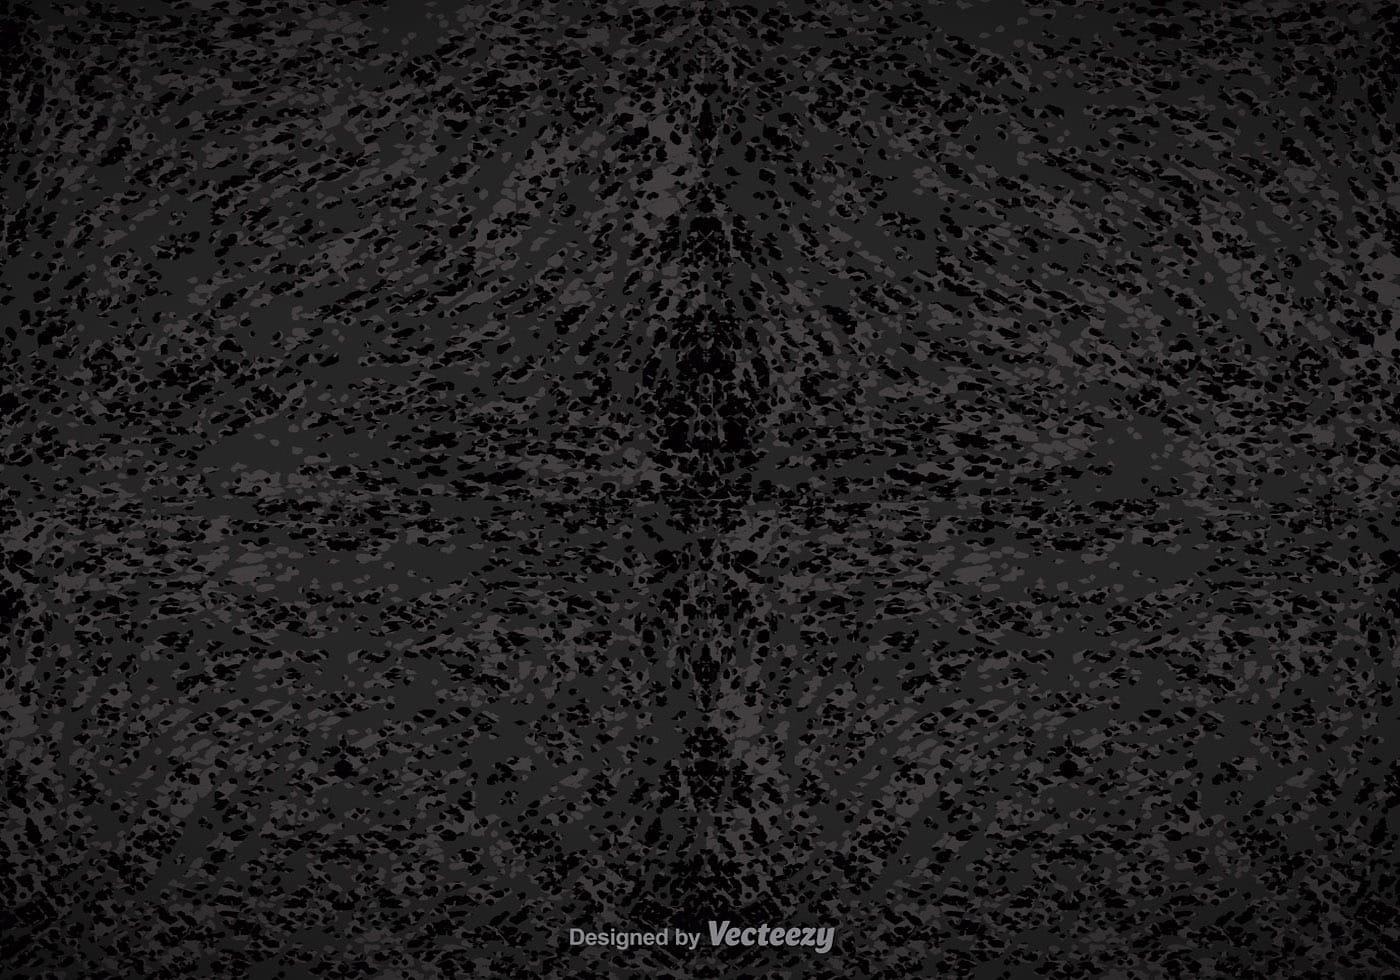 Grunge Overlay Vector Download Free Vector Art Stock